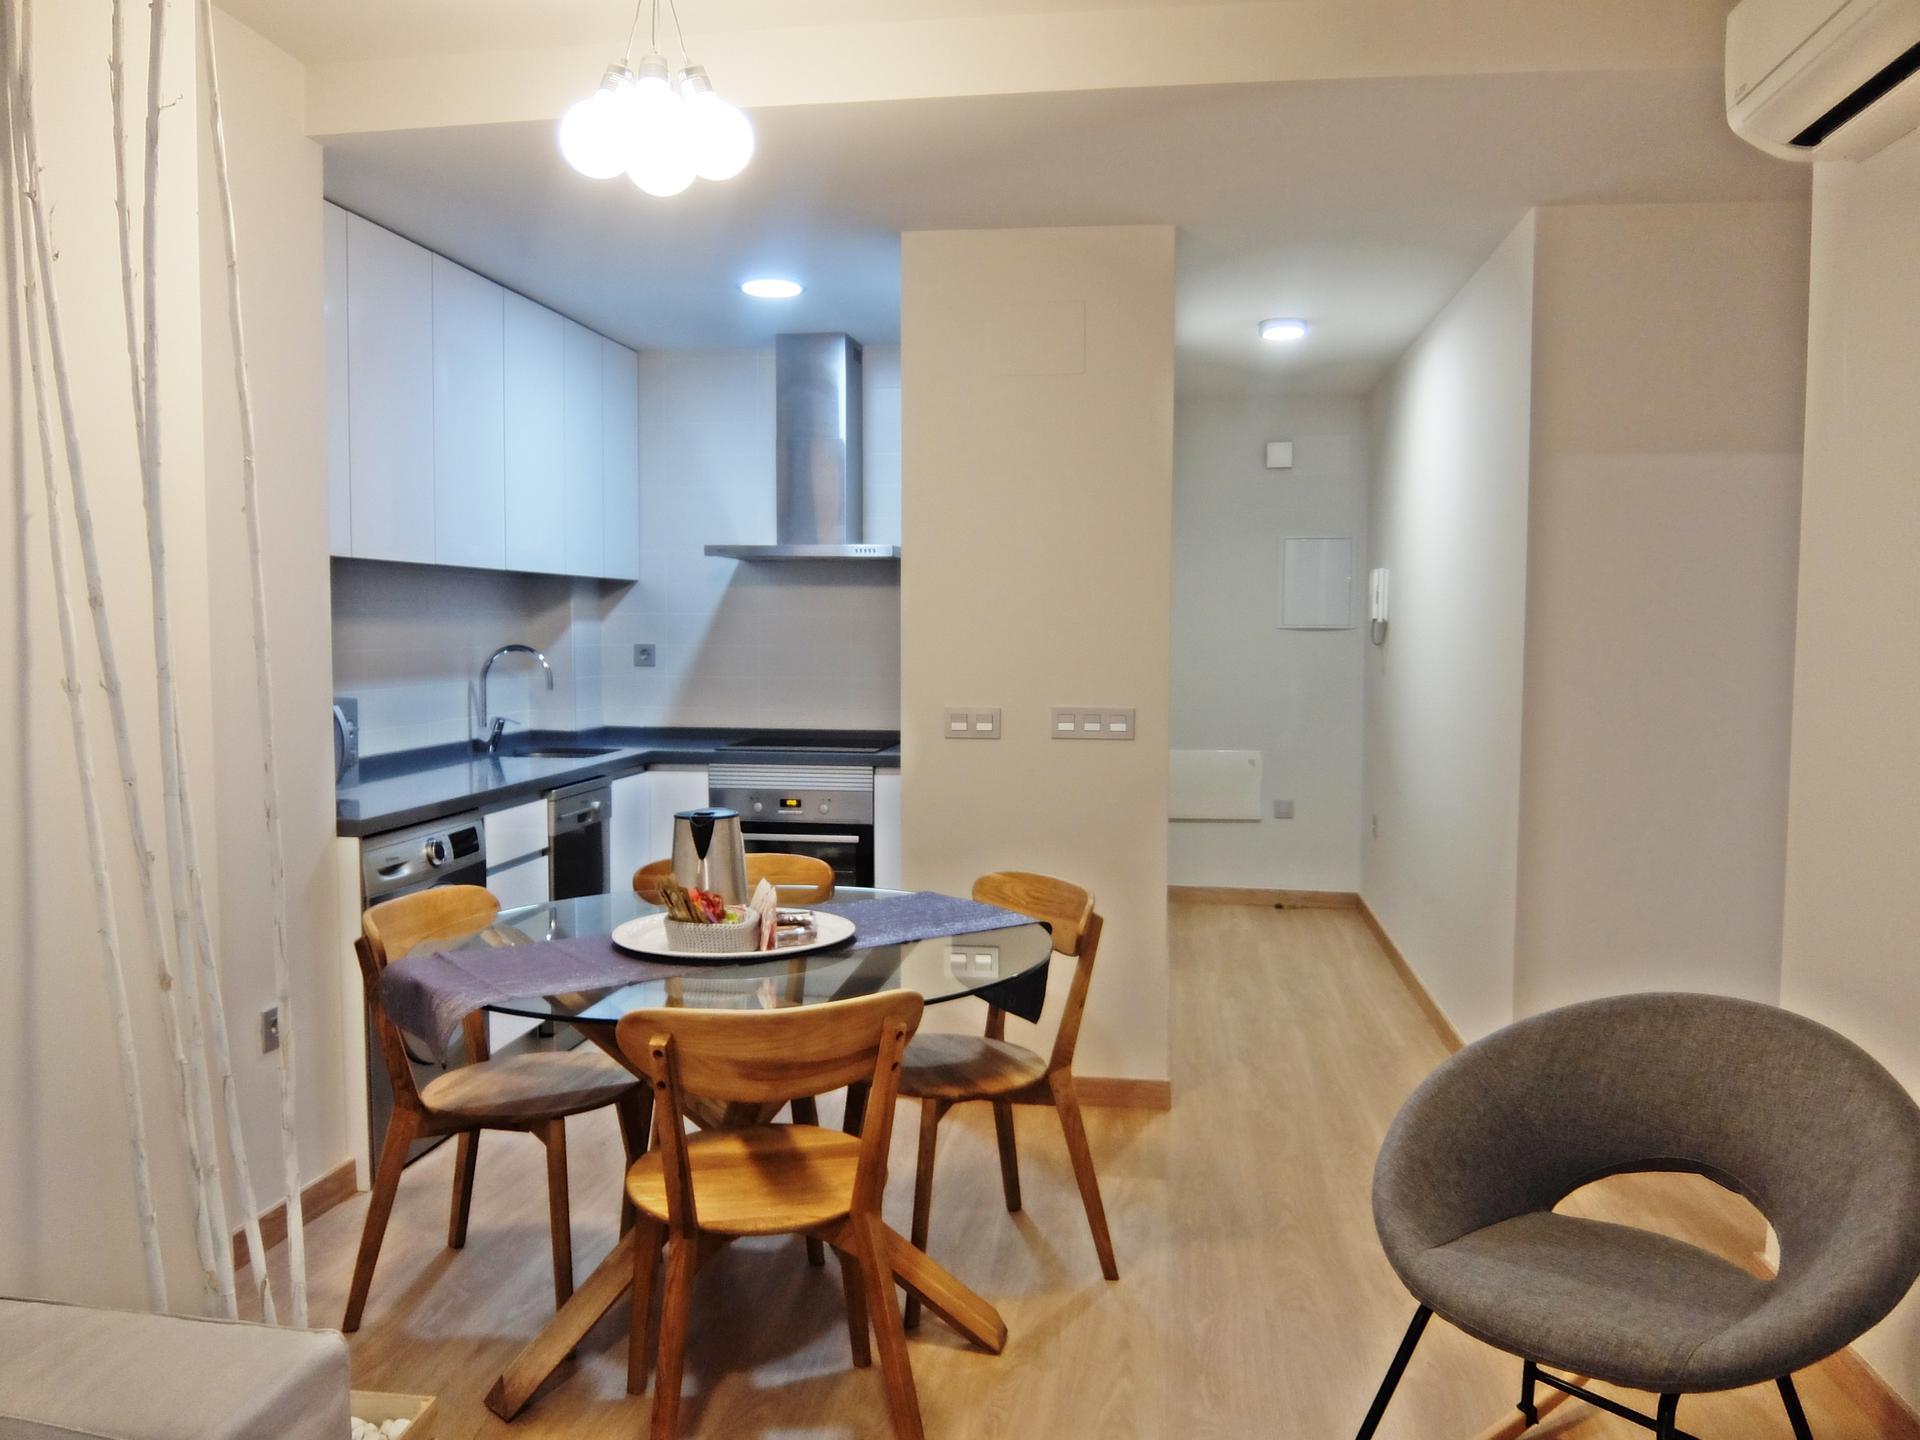 Appartement -                                       Oliva -                                       3 Schlafzimmer -                                       6 Personen